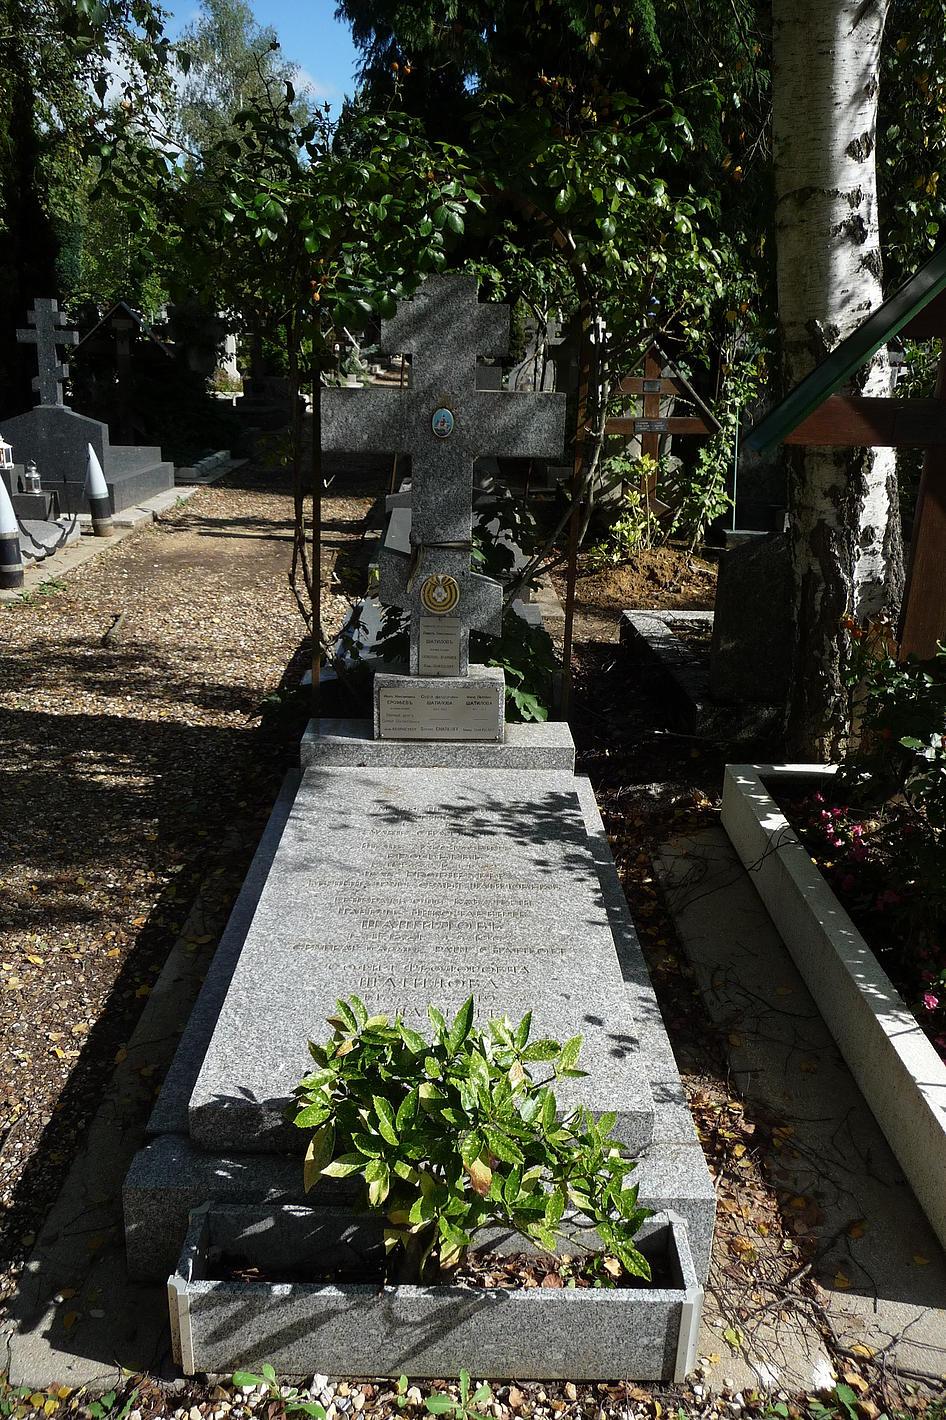 Могила П.Н., С.Ф. и М.П. Шатиловых. По завещанию Павла Николаевича здесь же захоронен его верный денщик И.М. Ерофеев